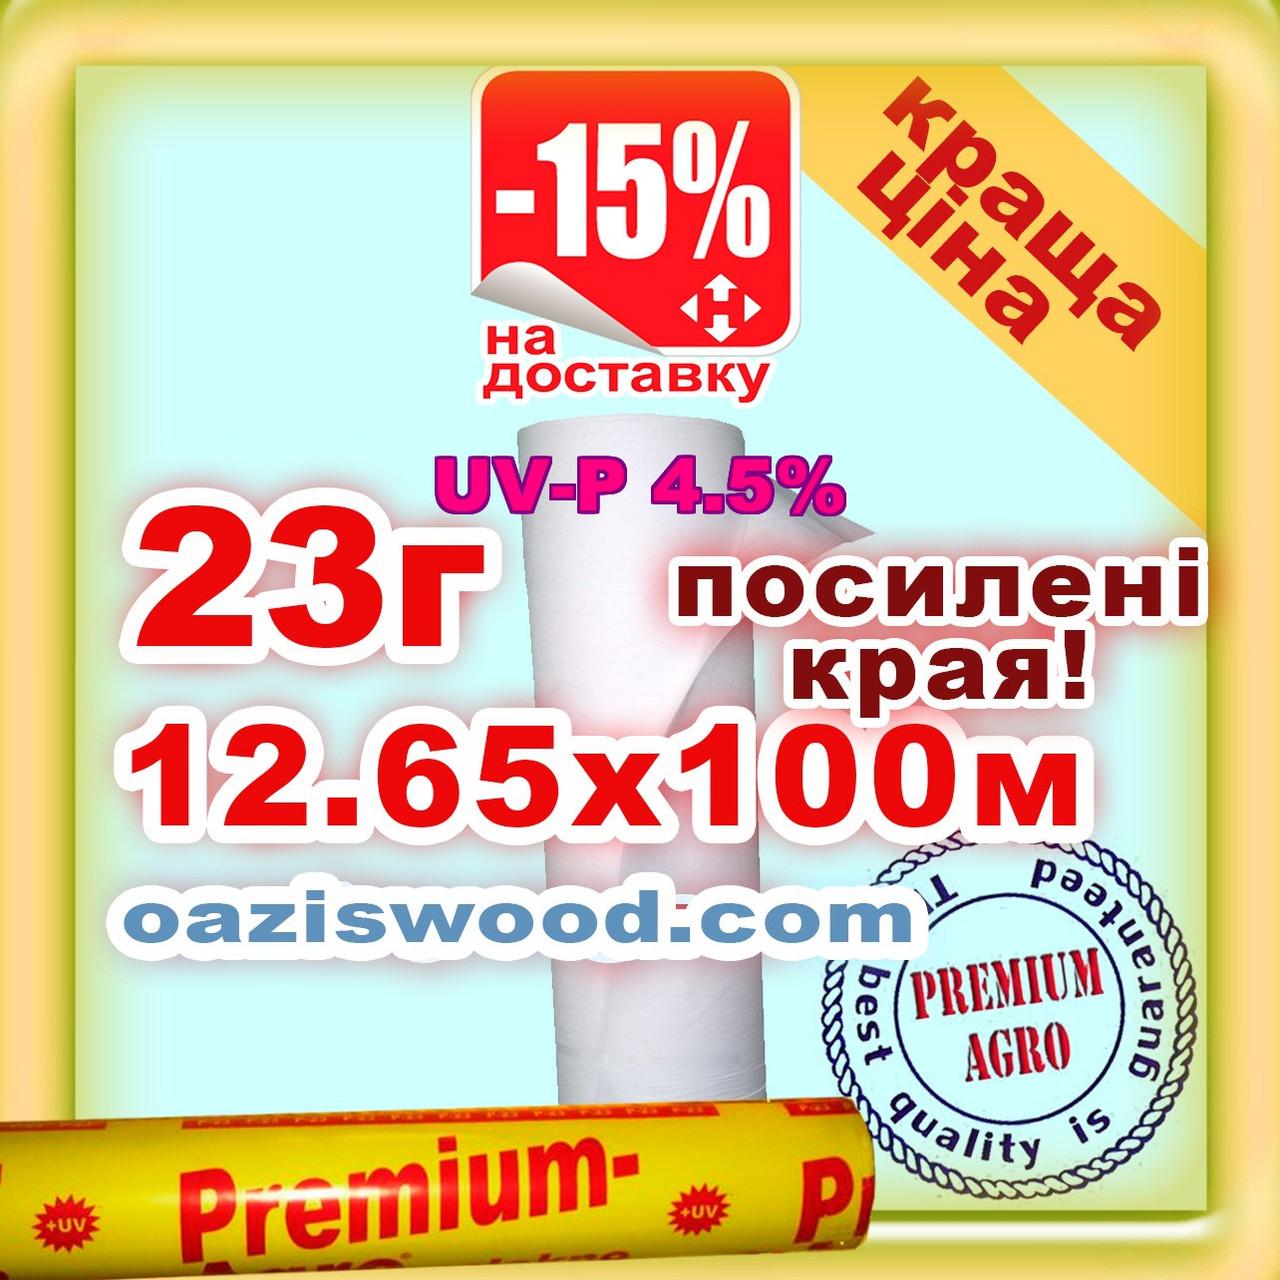 Агроволокно р-23g 12.65*100м белое UV-P 4.5% Premium-Agro Польша усиленные края